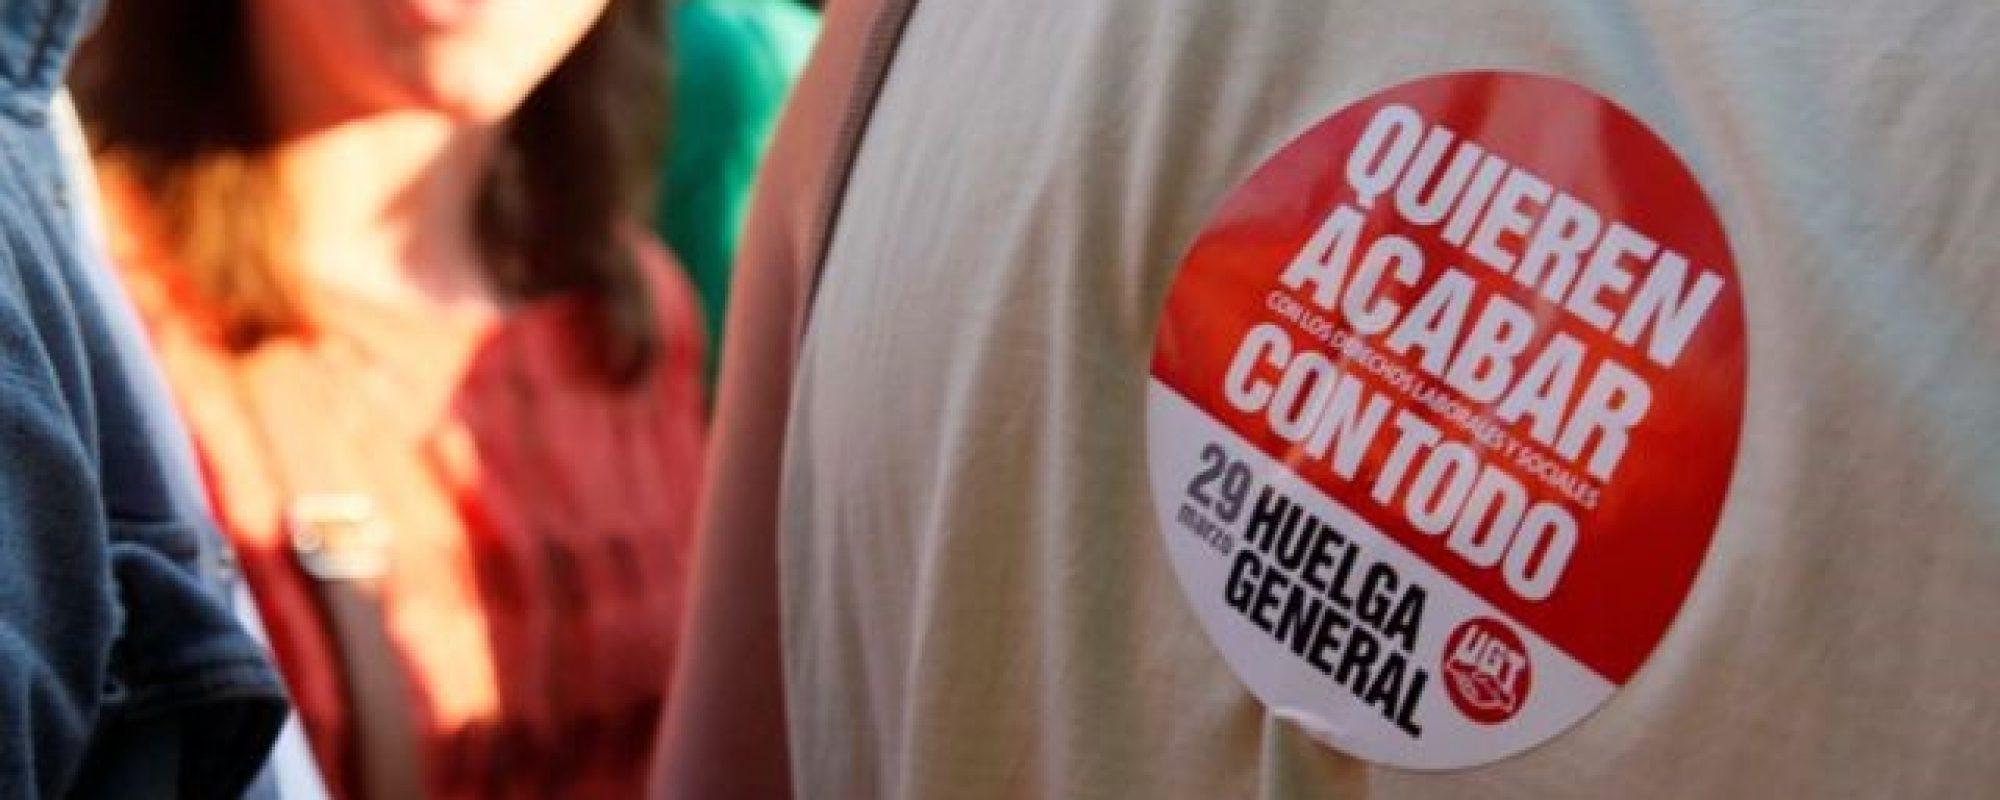 pegatina huelga general del 29.03.2012